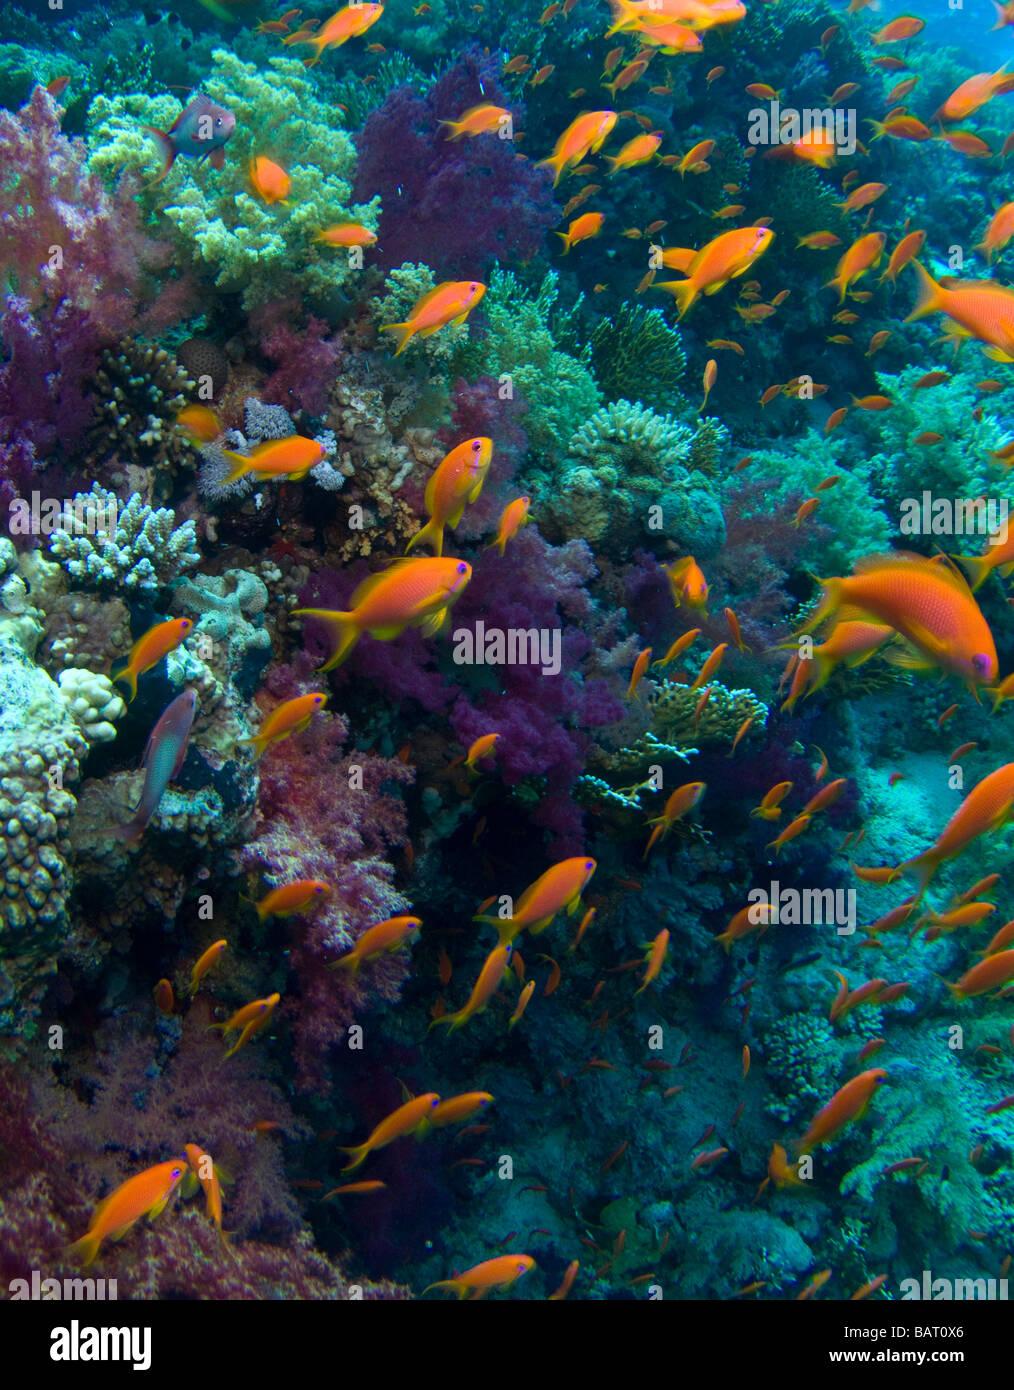 Reef fish - Anthias - Stock Image